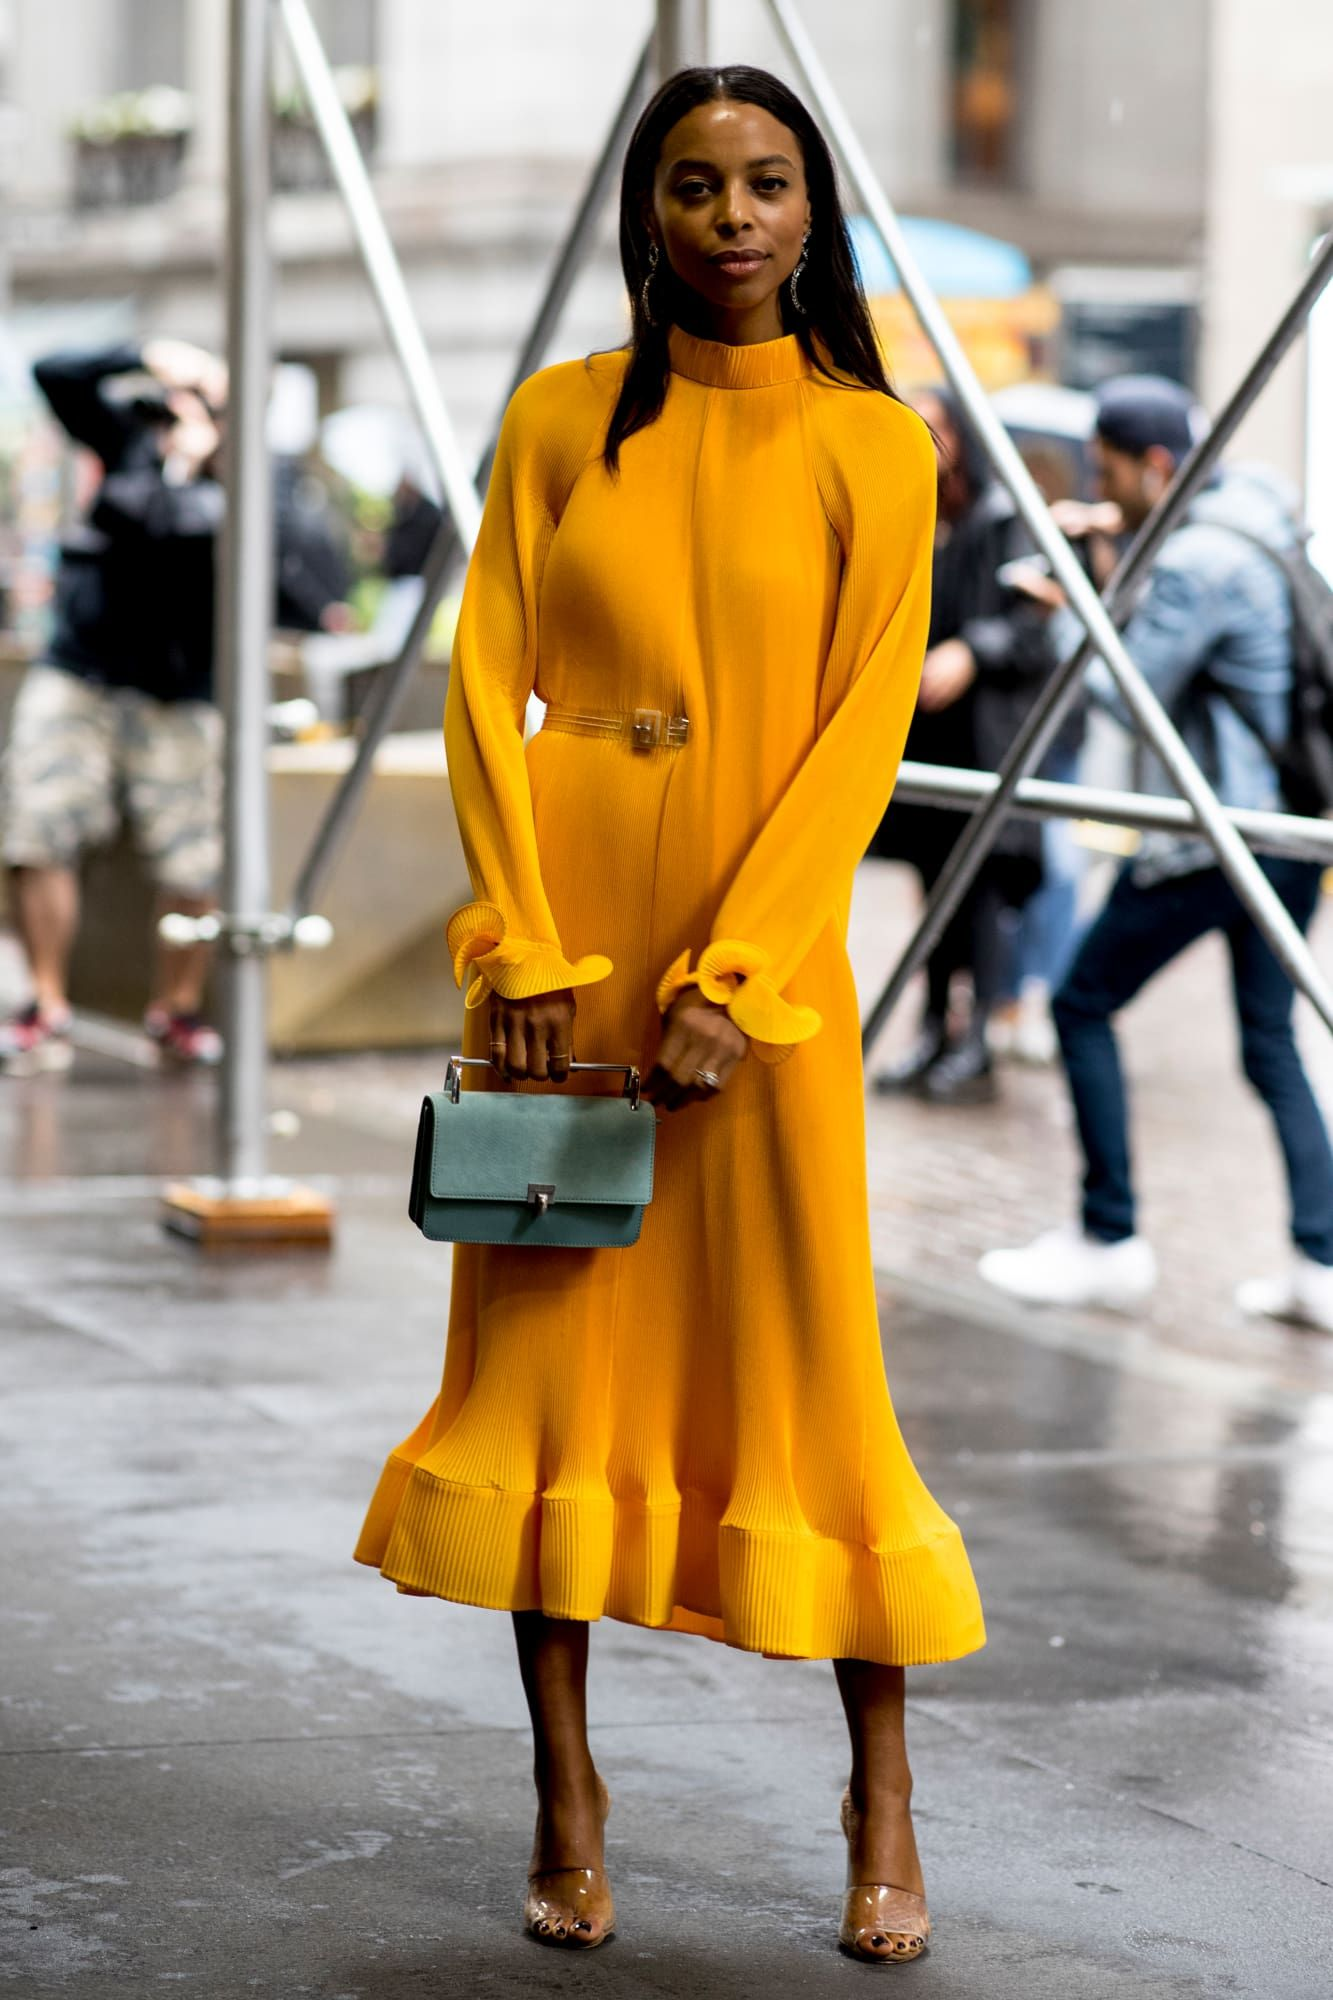 Spring 2019 Couture: 22 образа в уличном стиле. Париж, Франция, наше время изоражения